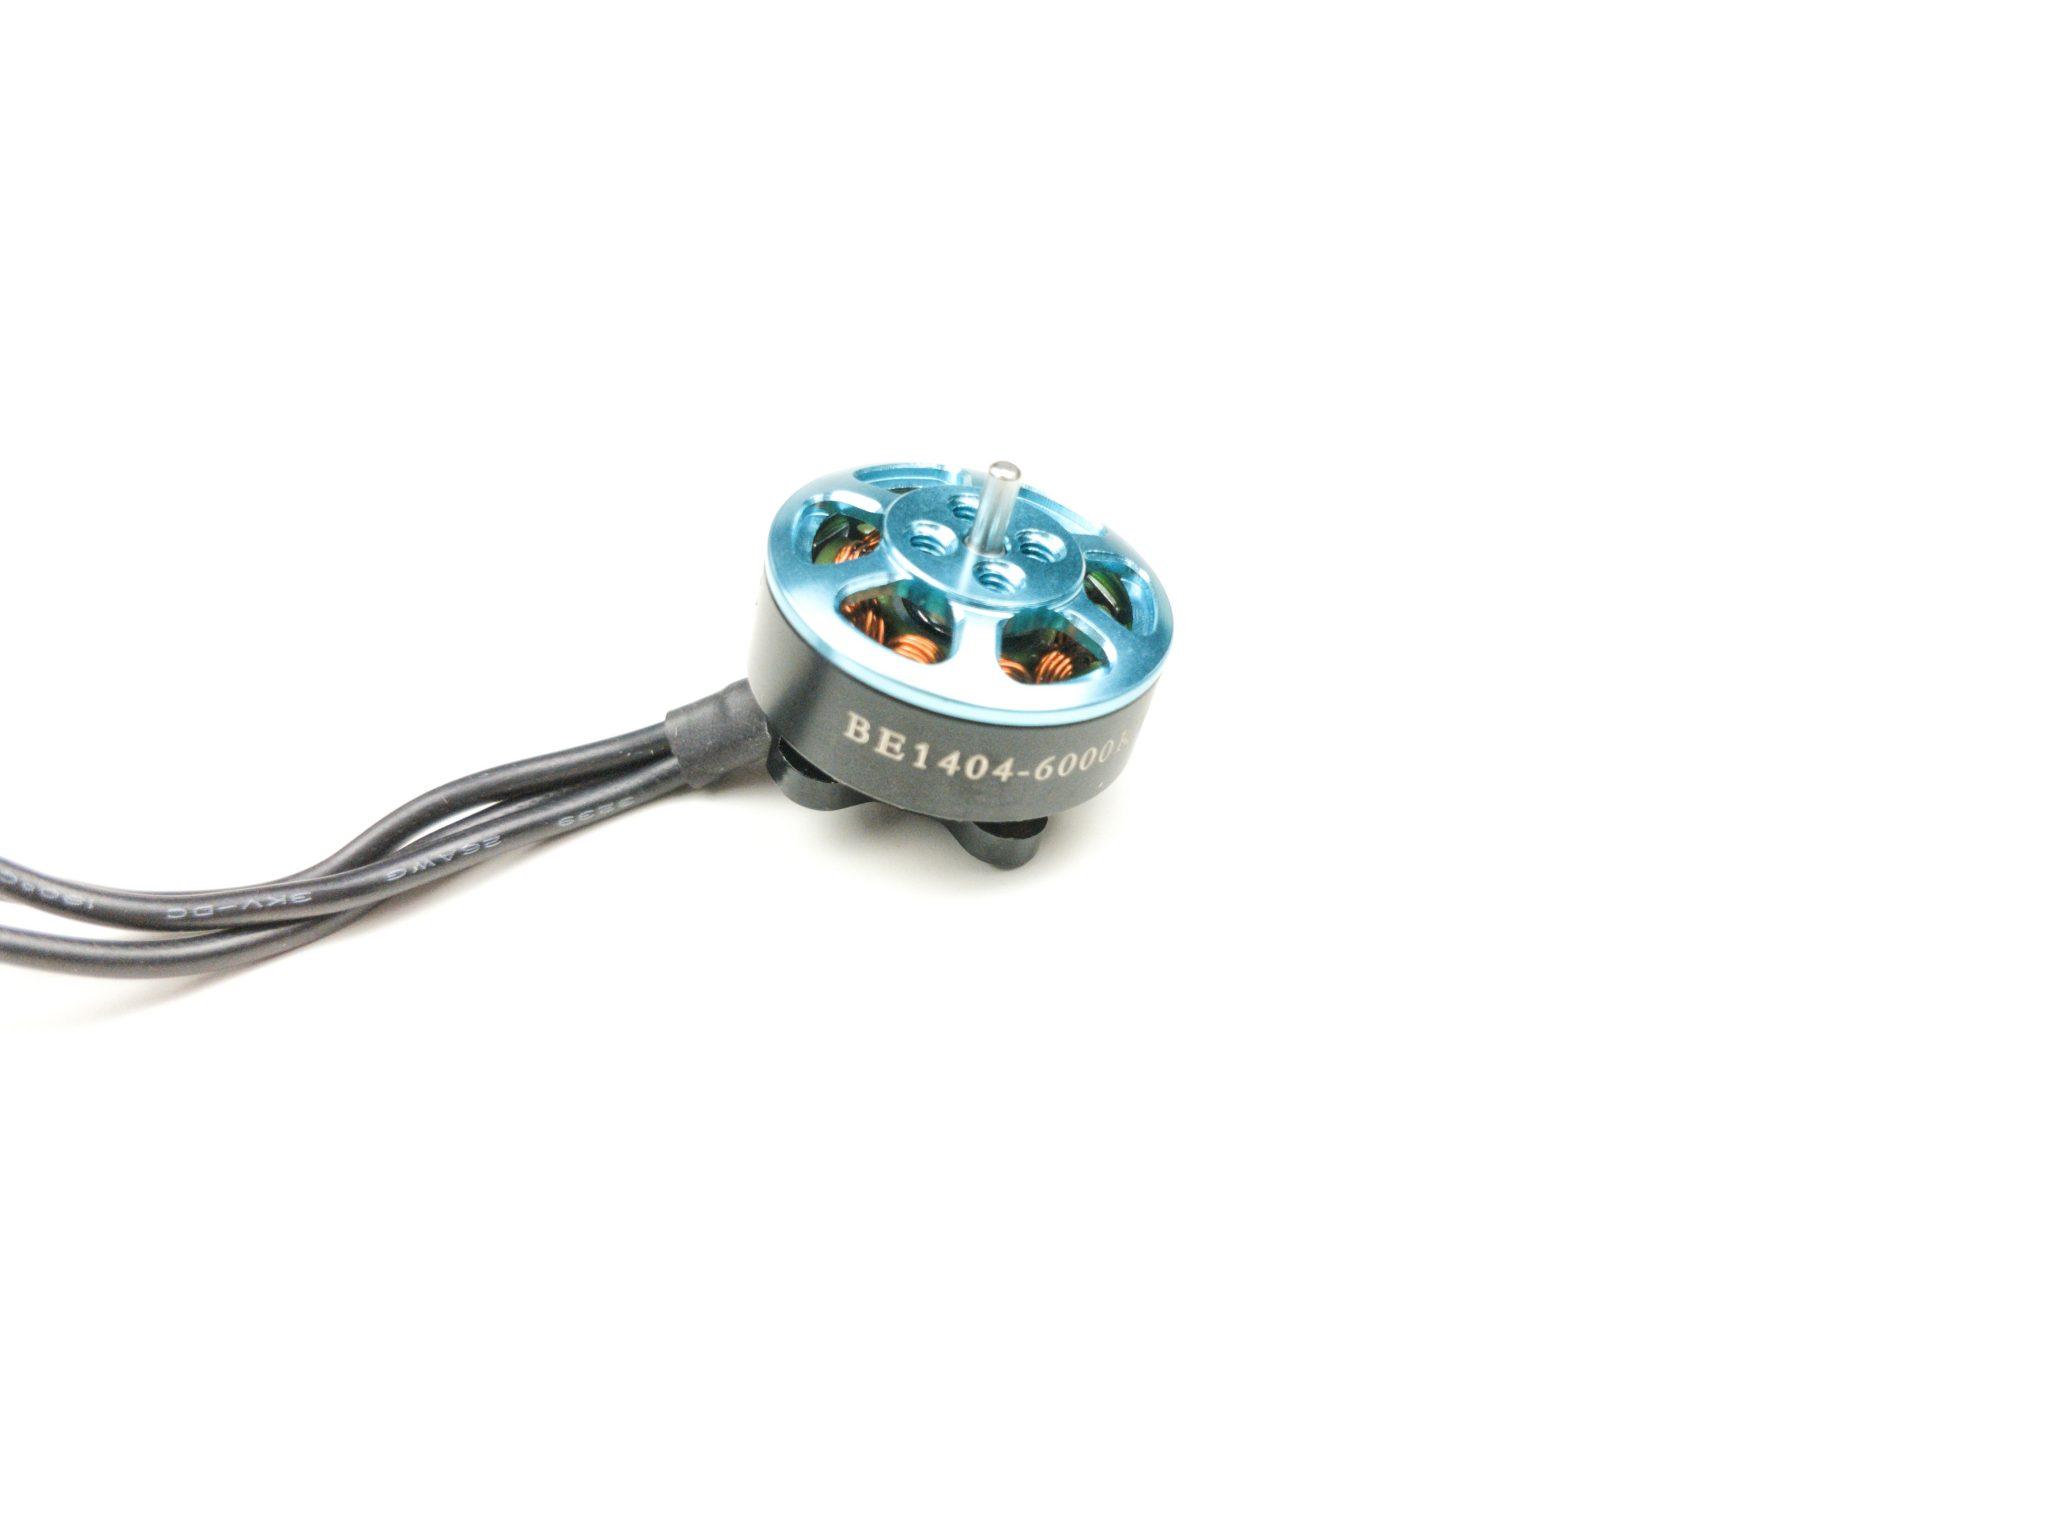 DYS BE1404 6000kv Brushless Motor - 1PCS